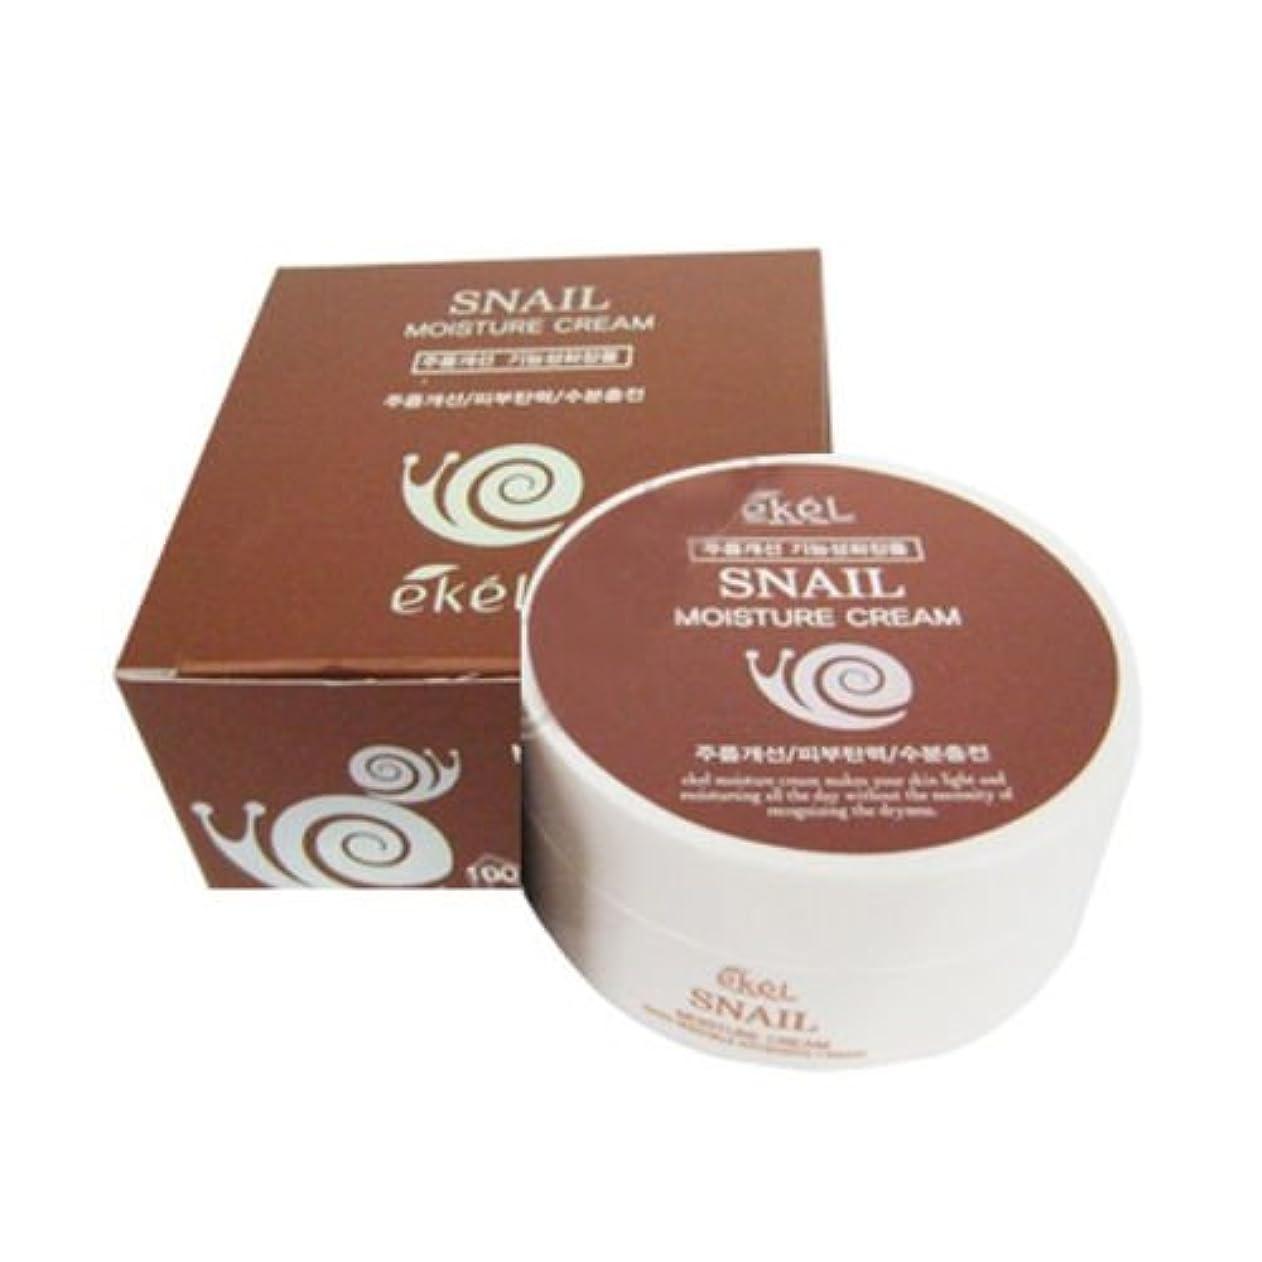 乱れ凝縮するかけがえのないイケル[韓国コスメEkel]Snail Moisture Cream カタツムリモイスチャークリーム100g [並行輸入品]